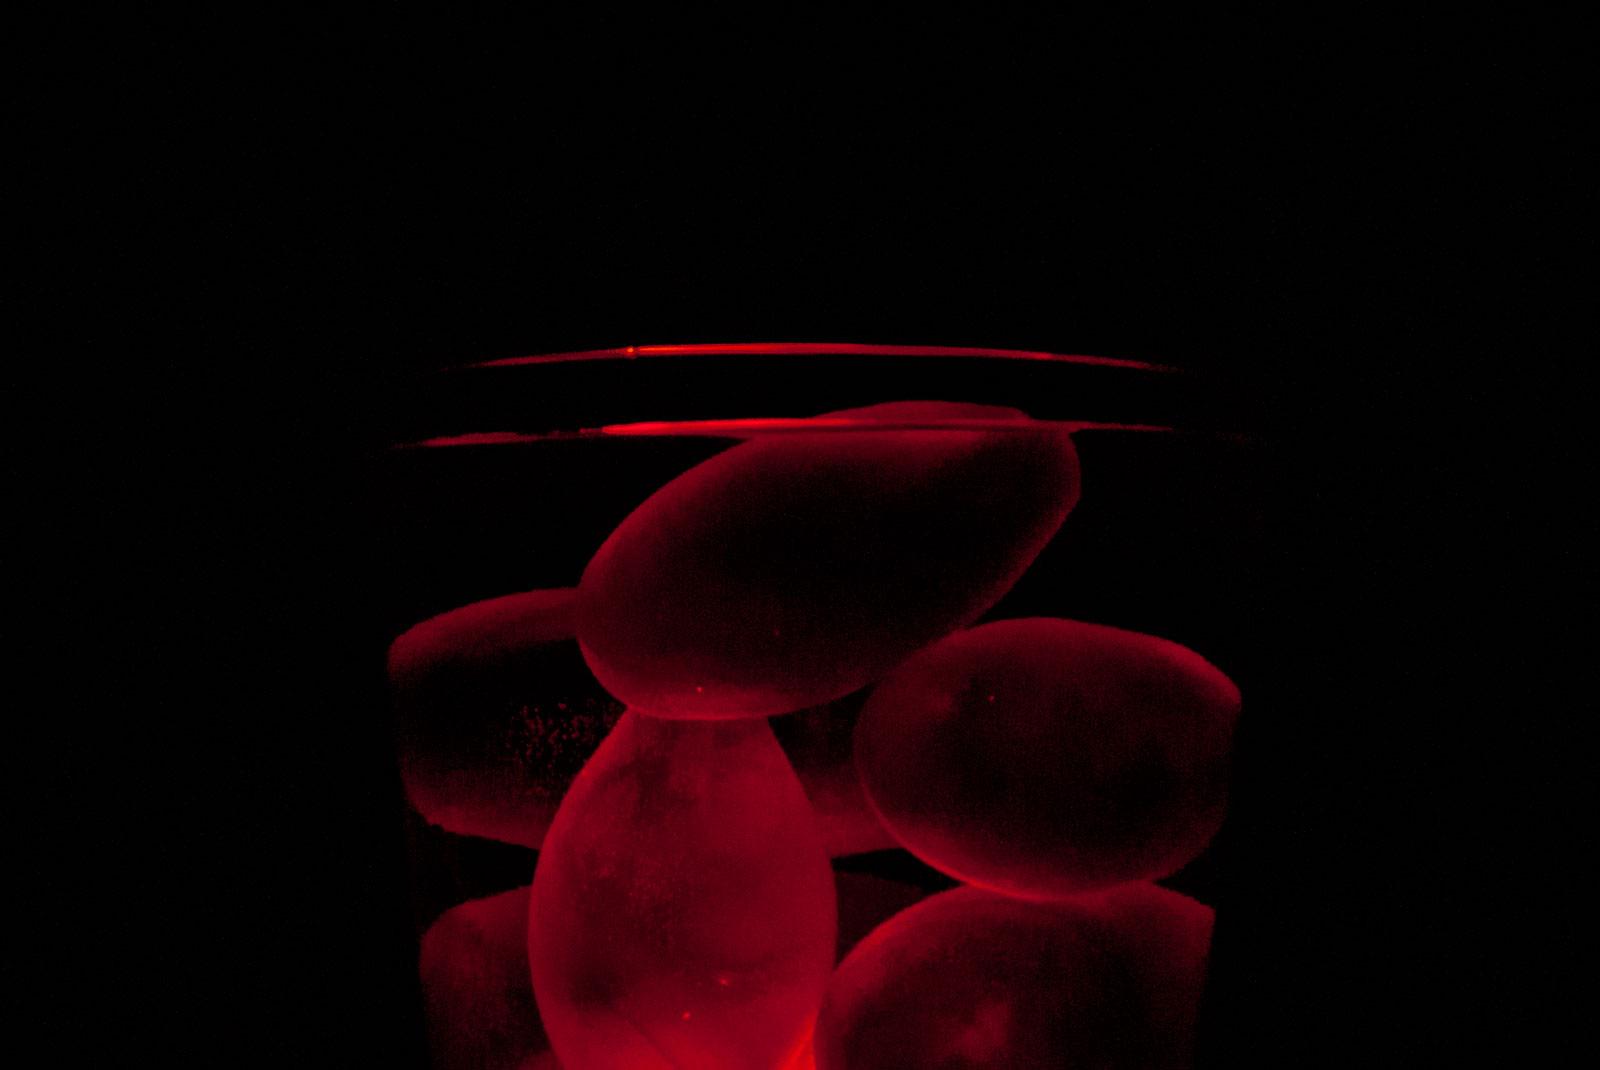 Ejercicio piedras - 2